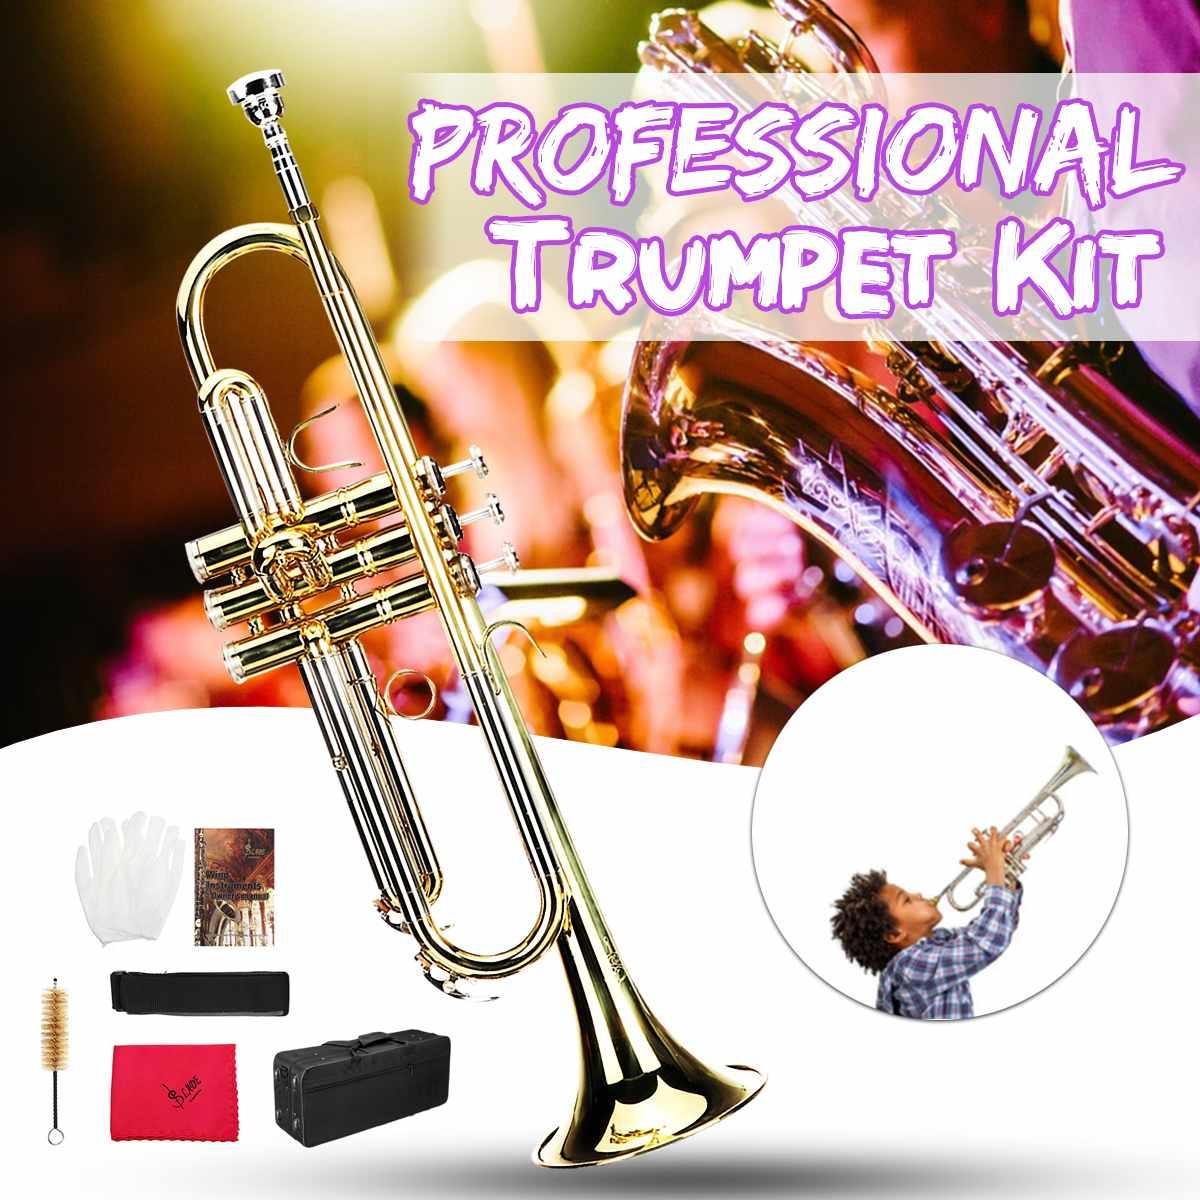 B plat jouets cadeau Instrument de musique trompette accès Bb professionnel trompette Kit laiton bande Instrument avec sac étudiant outil de musique